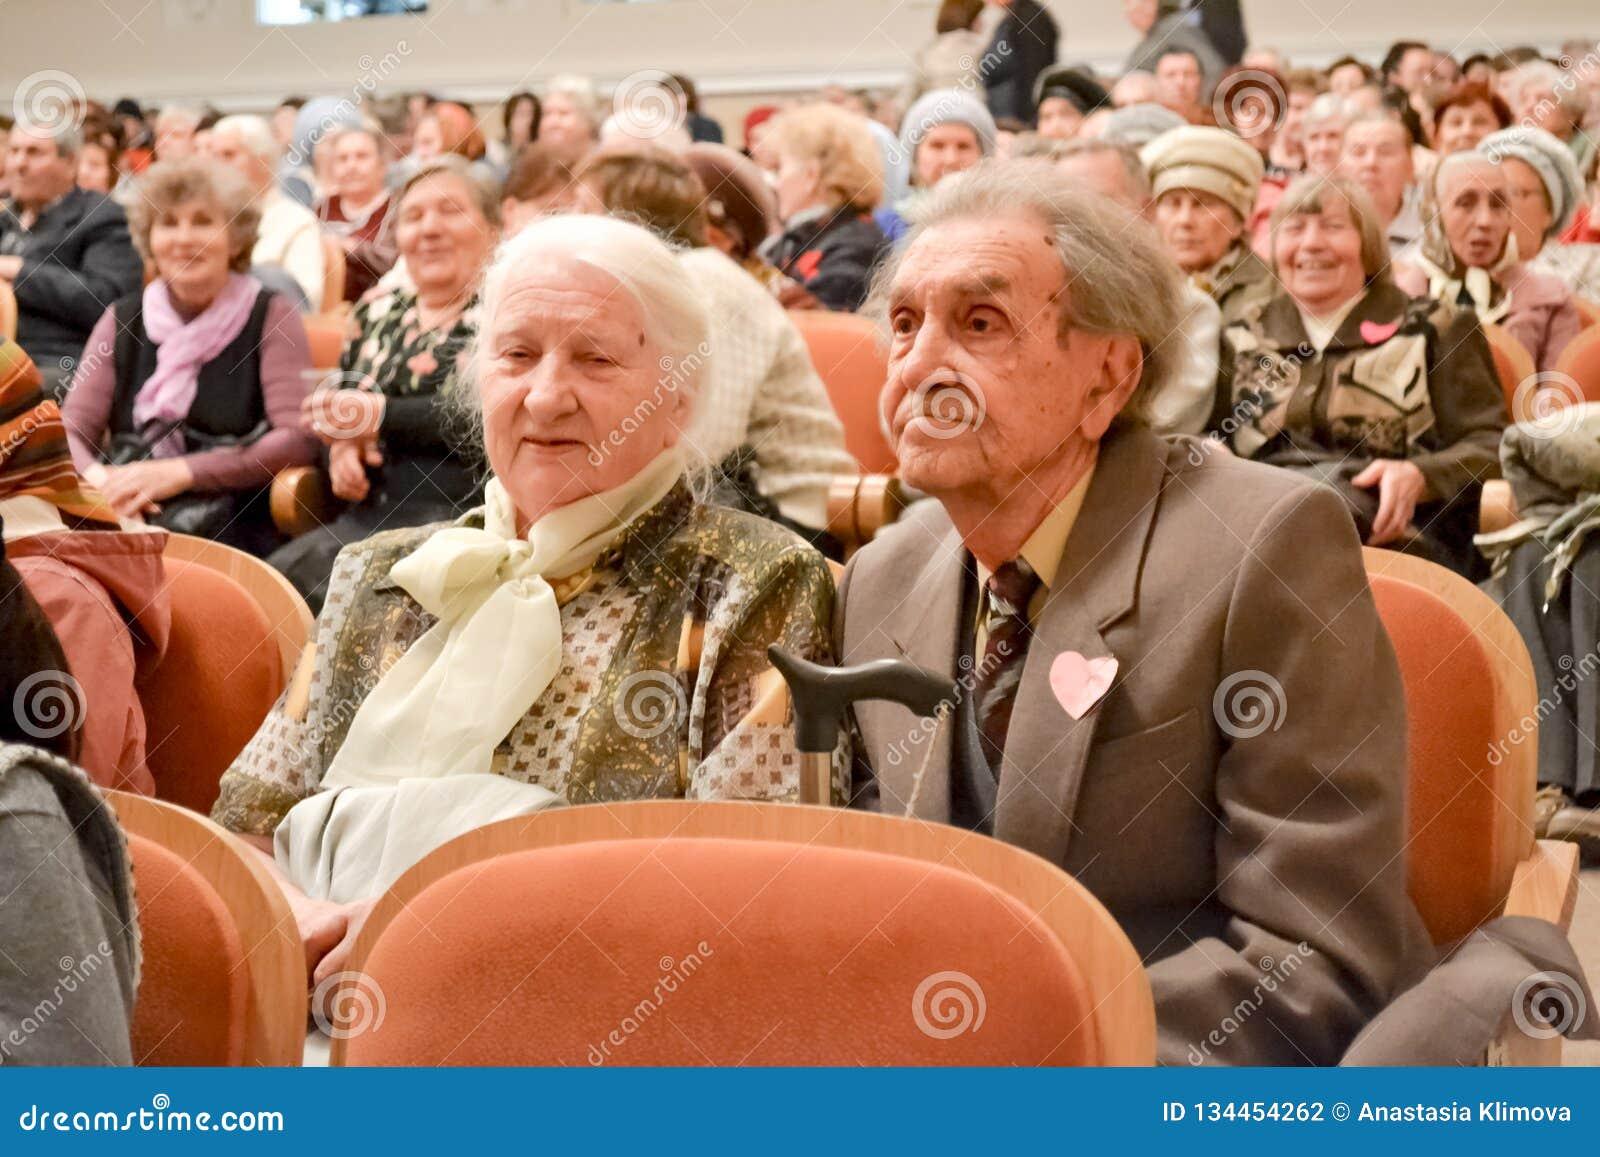 Dag van de bejaarde persoon in Rusland, een overleg in het huis van cultuur,